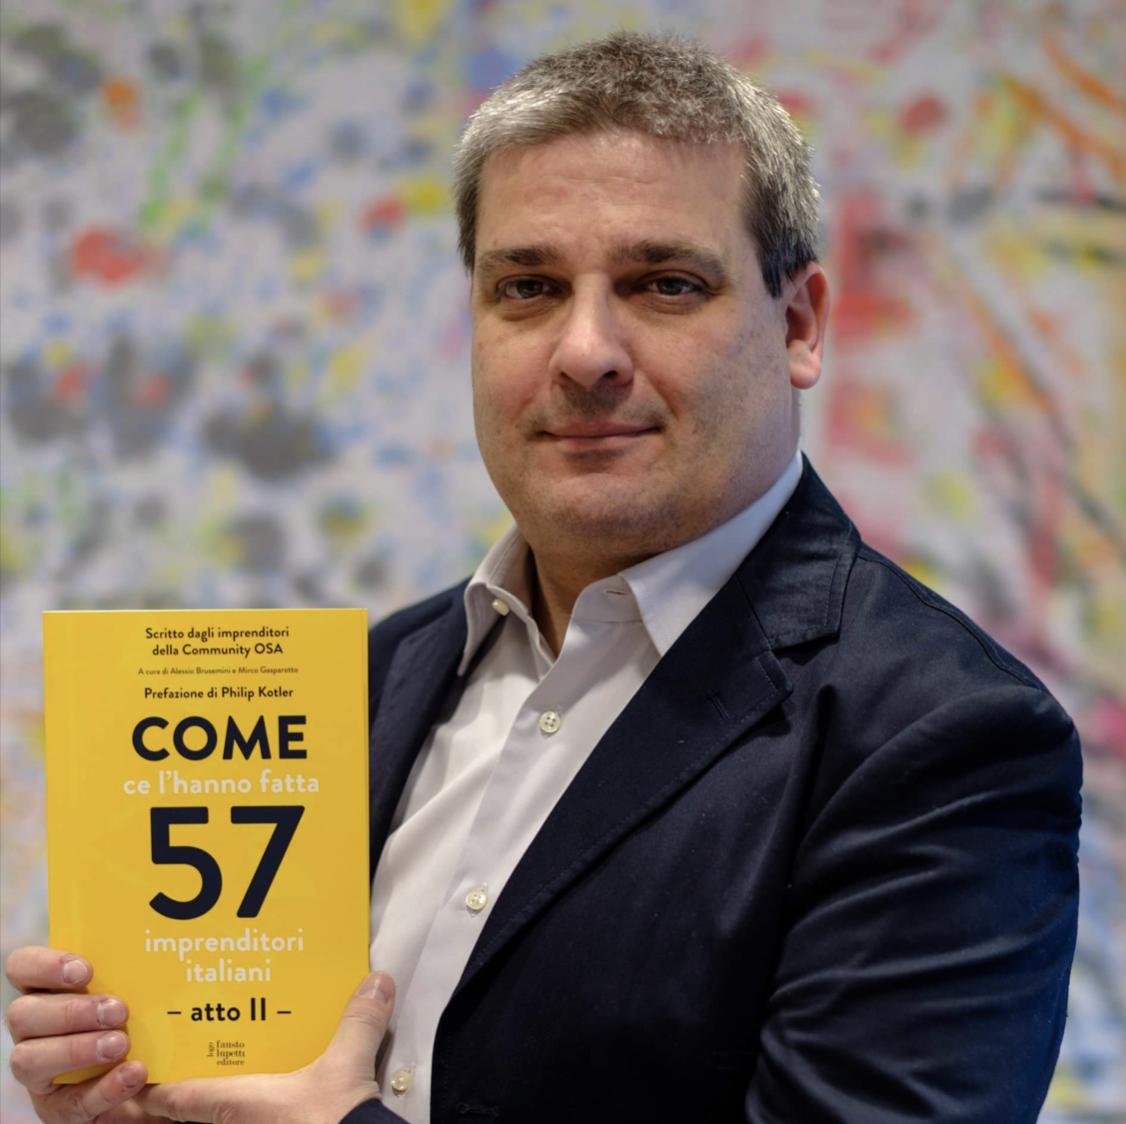 Come ce l'hanno fatta 57 imprenditori italiani